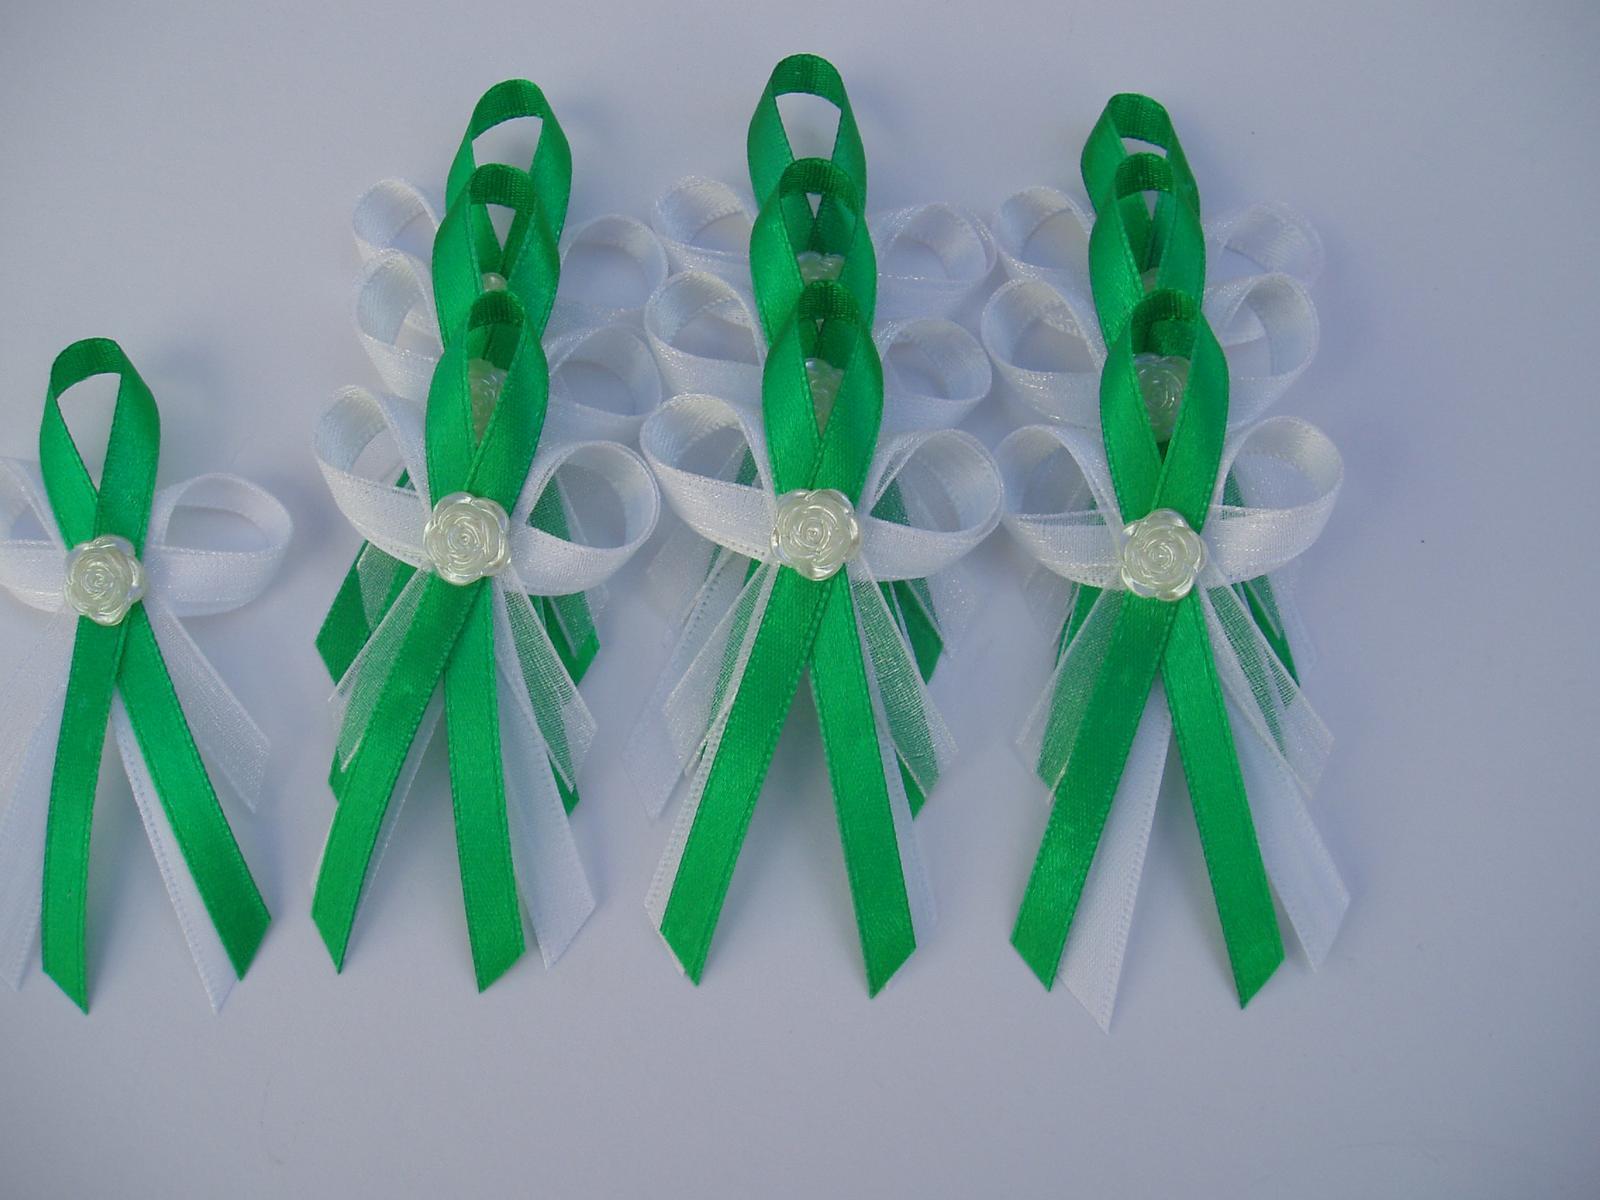 vývazek -zelený - Obrázek č. 1